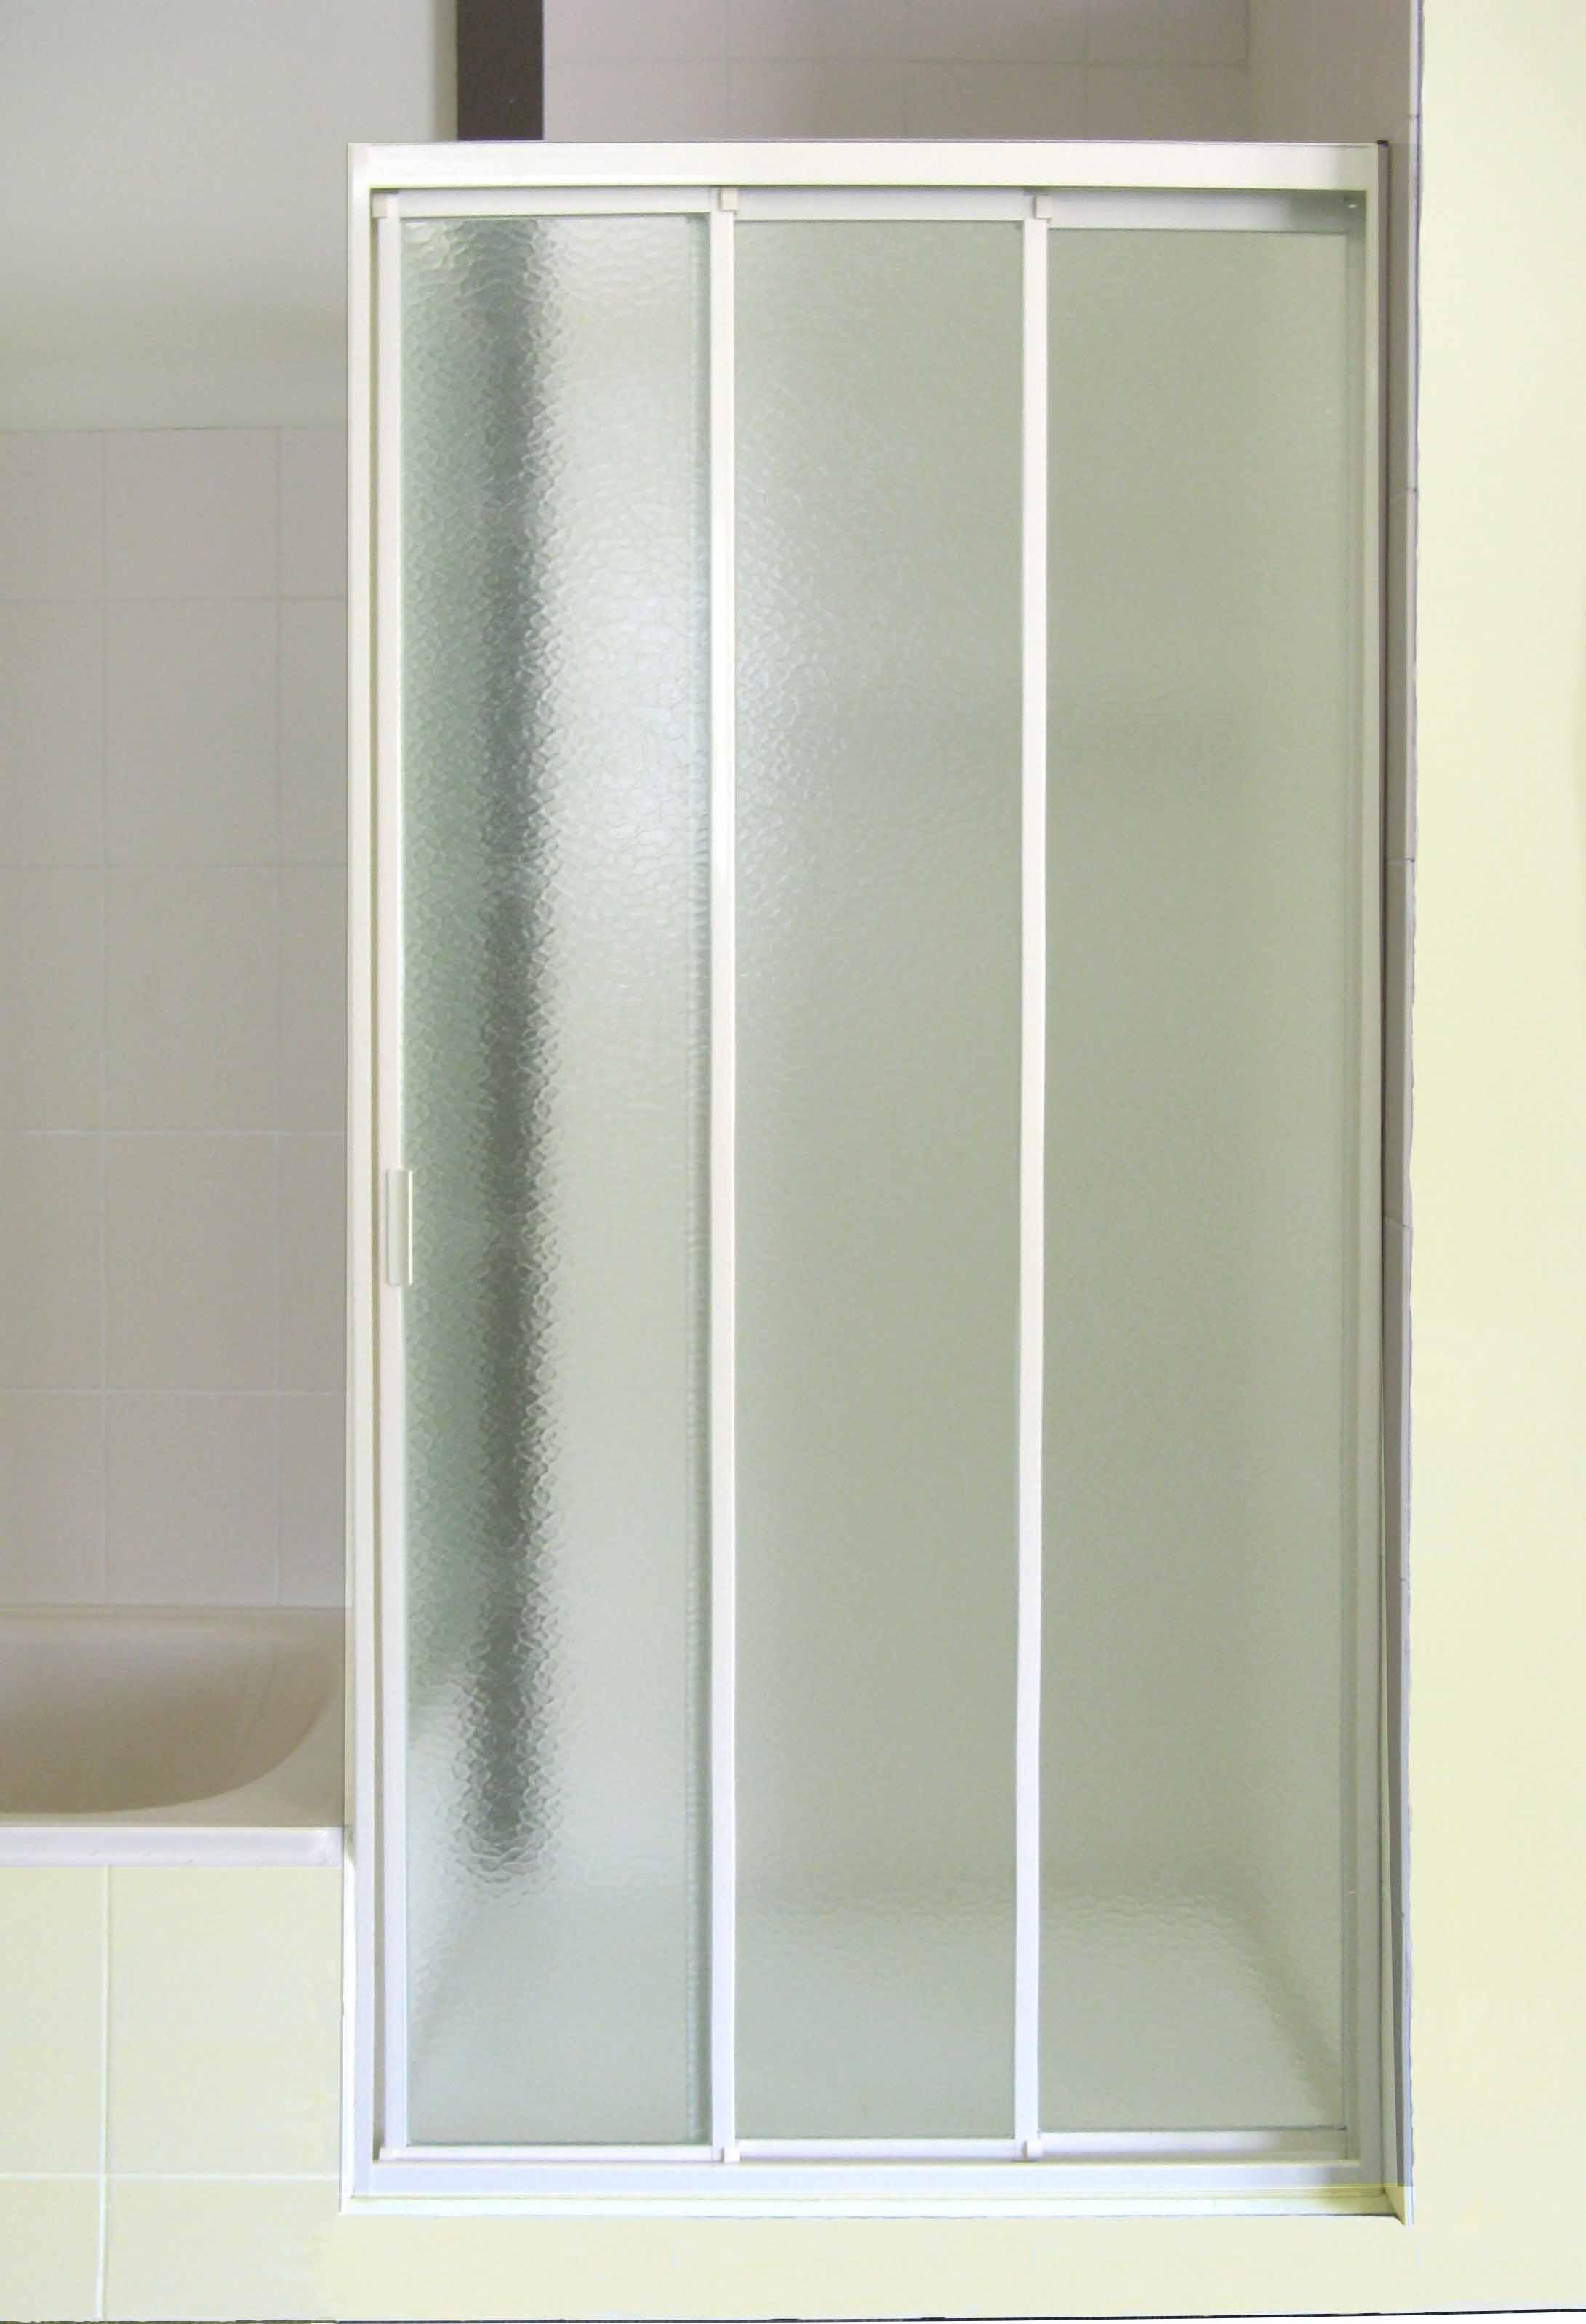 Cathedral Slider Speedy Shower Screens